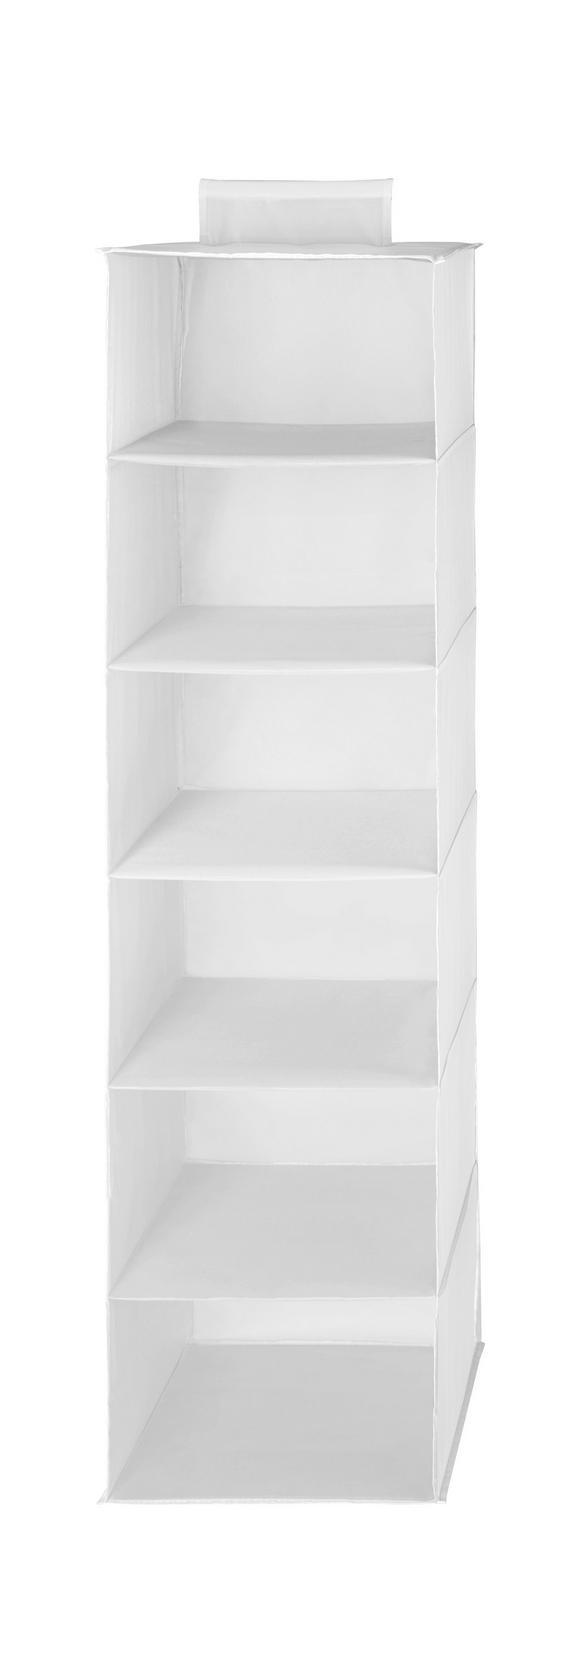 Hängeorganizer in Weiß mit 6 Fächer - Weiß, Textil (33/125cm) - Mömax modern living